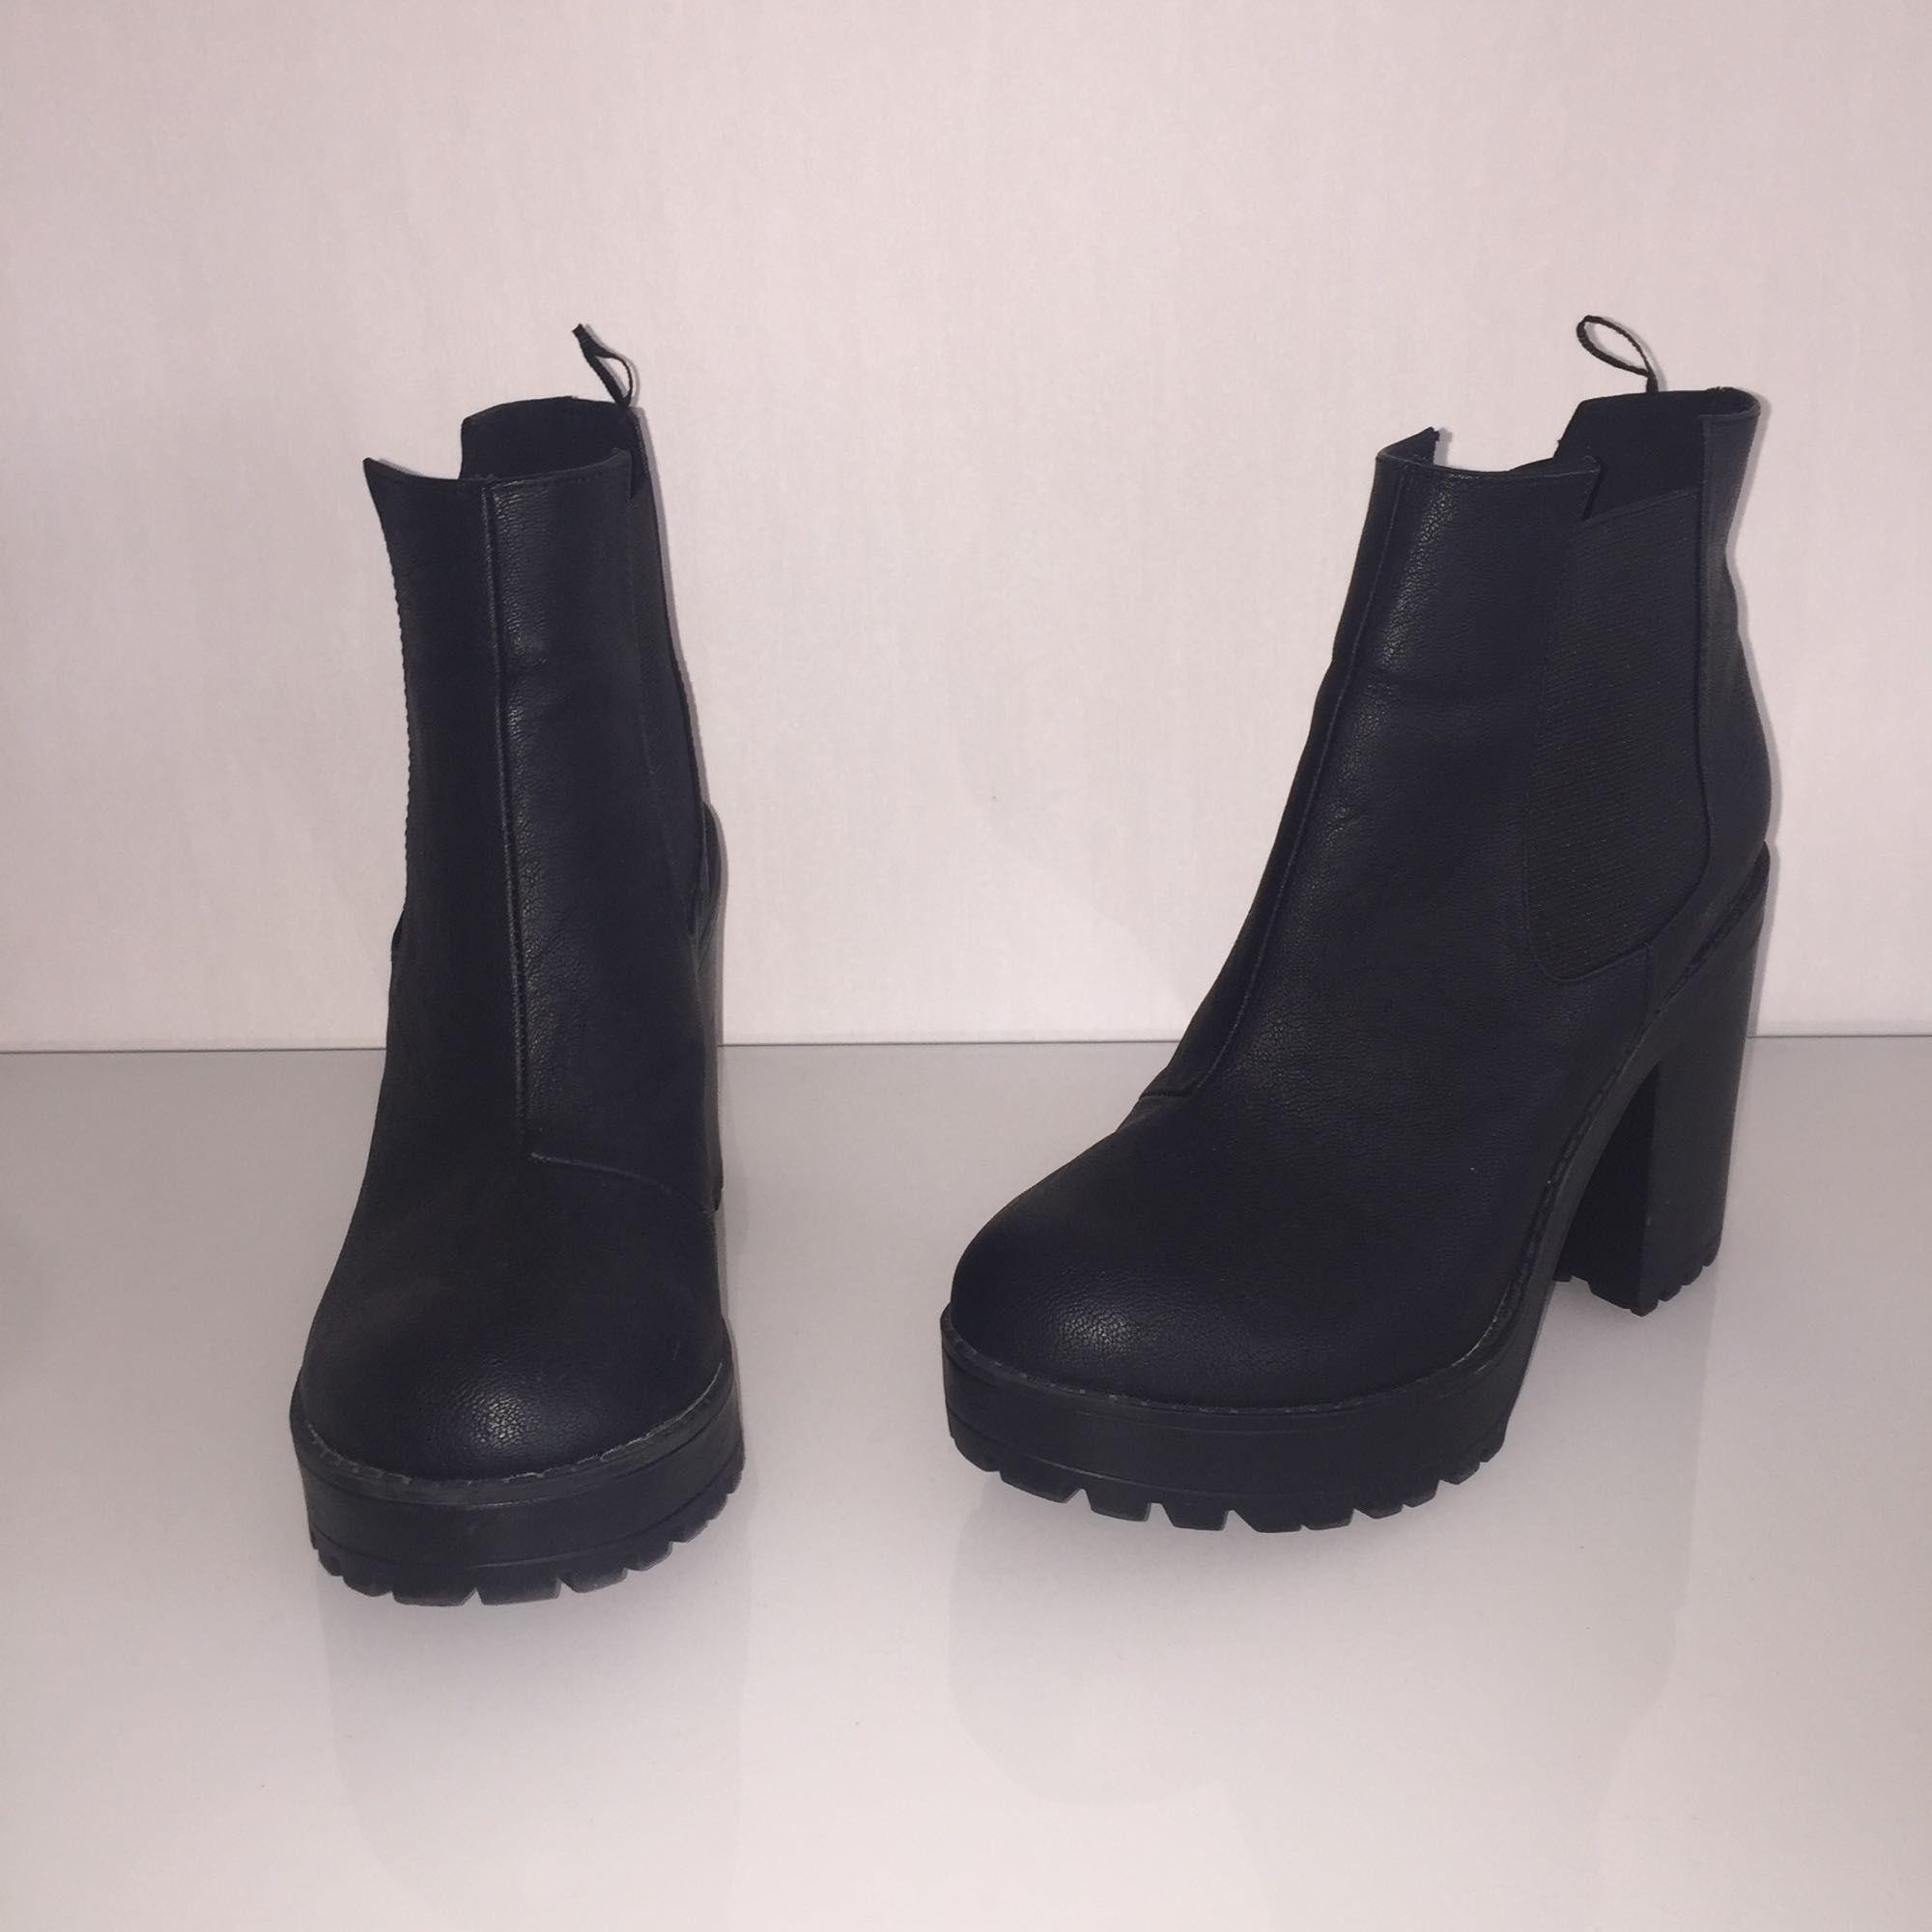 bb9a2a4a51b8 Nästan helt oanvända högklackade boots från hm. Säljer pågrund av att de  blivit försmå för ...